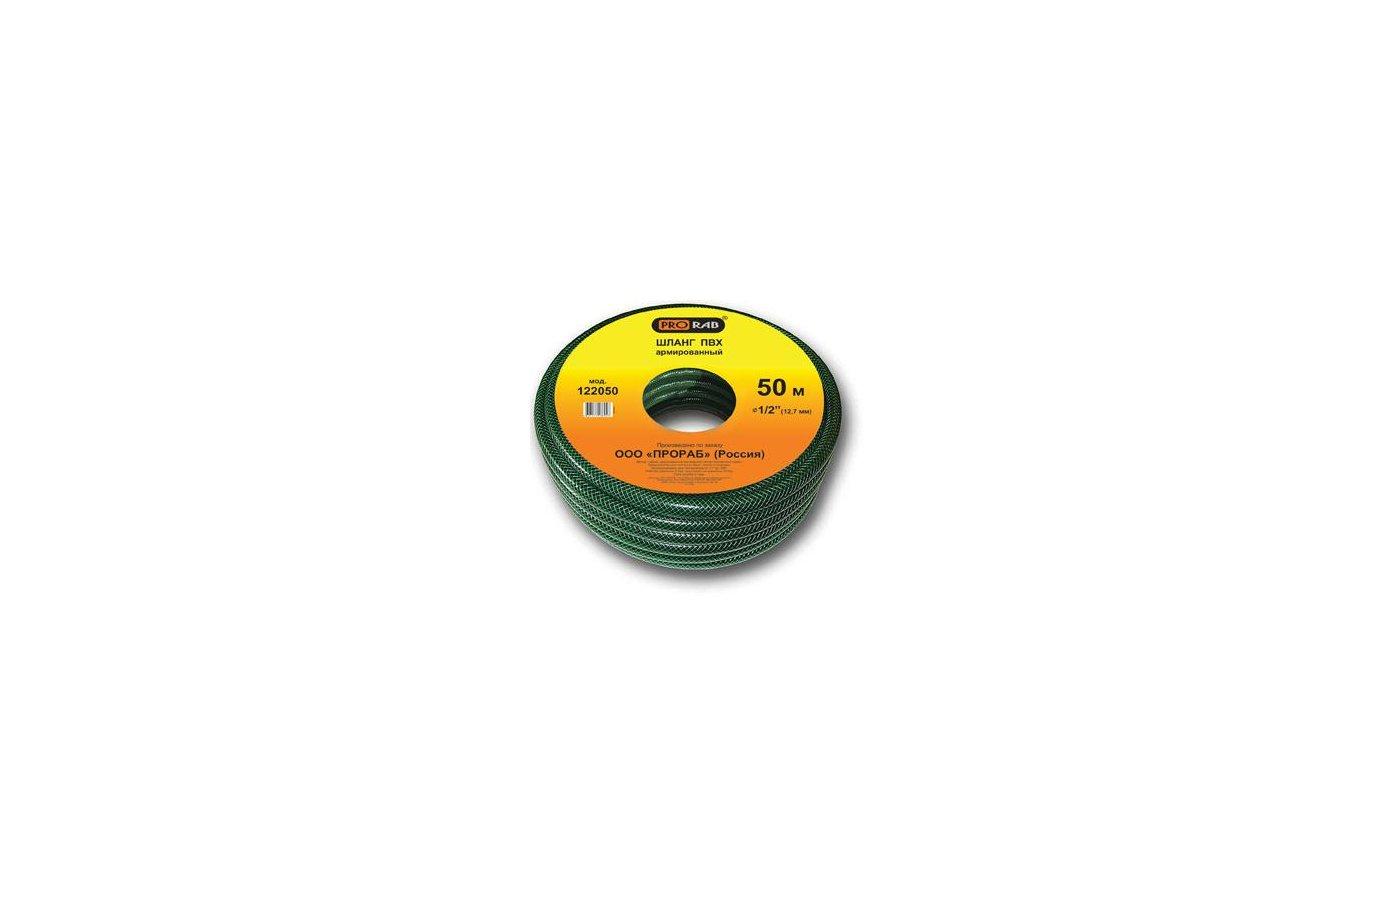 """Шланг садовый Prorab 122050   Шланг ПВХ для полива, диаметр 1/2"""", 50 м  Hobby"""